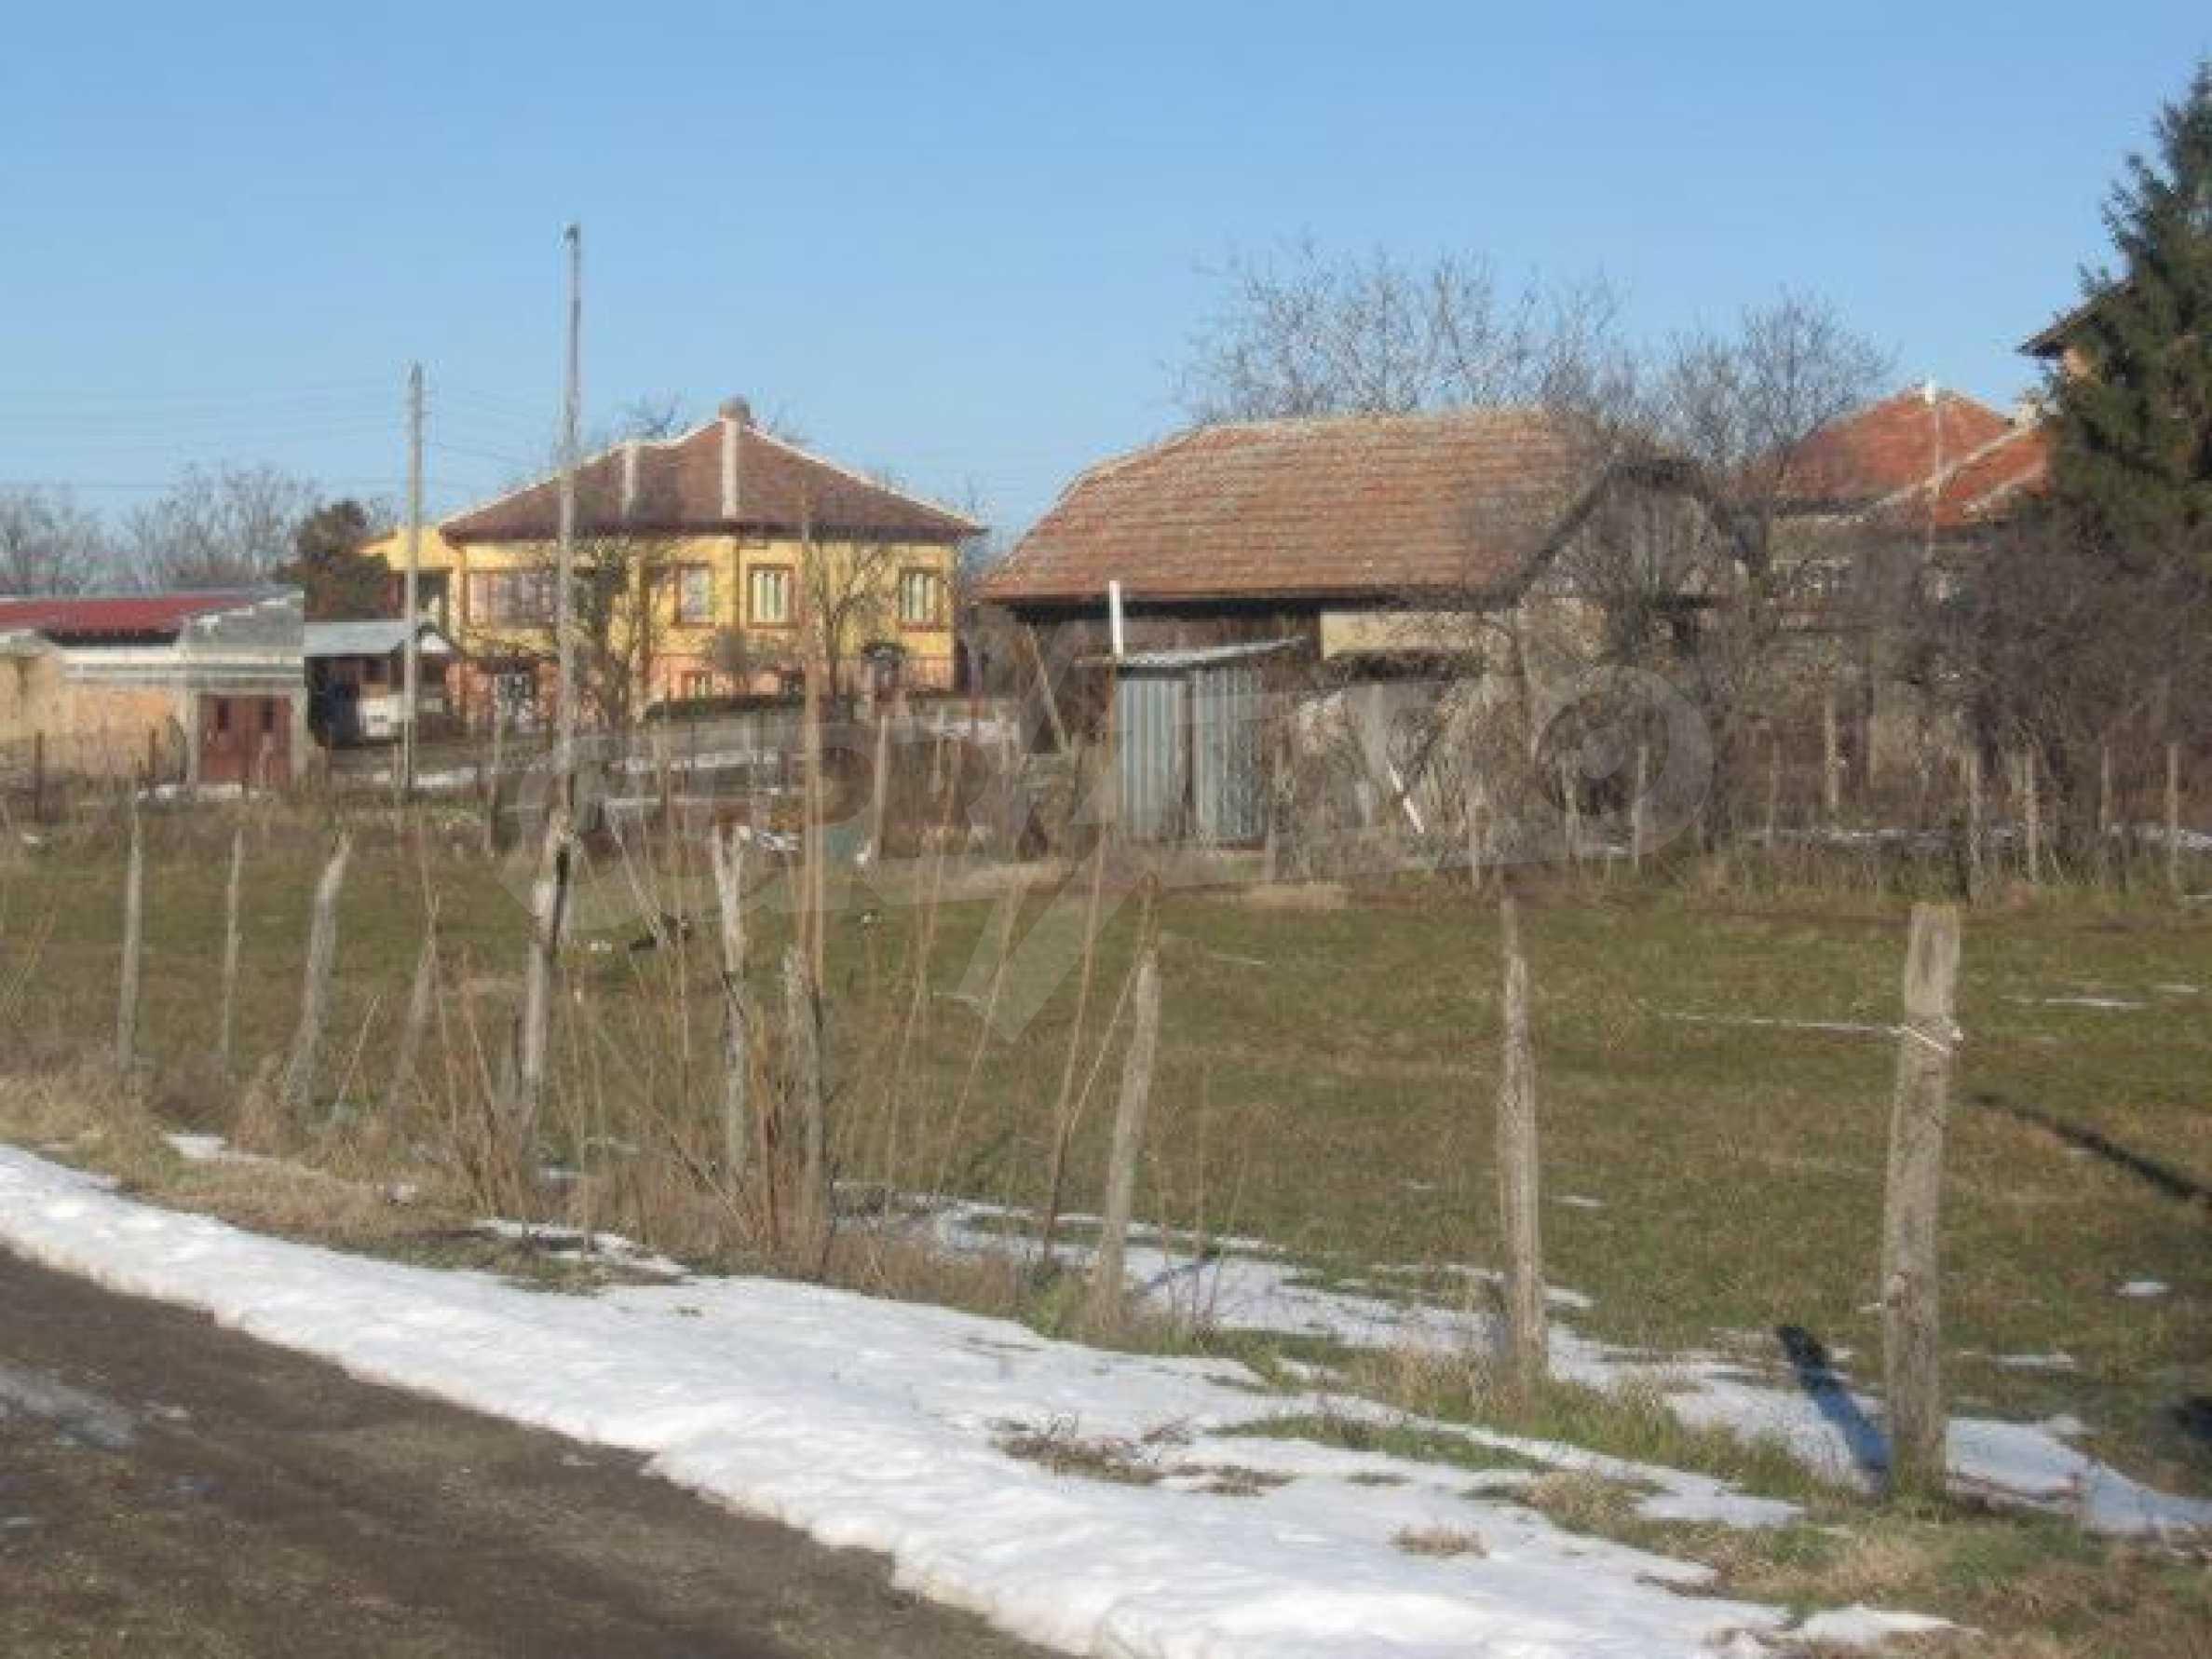 Участок под строительство возле Дунай мост 2, г. Видин 4